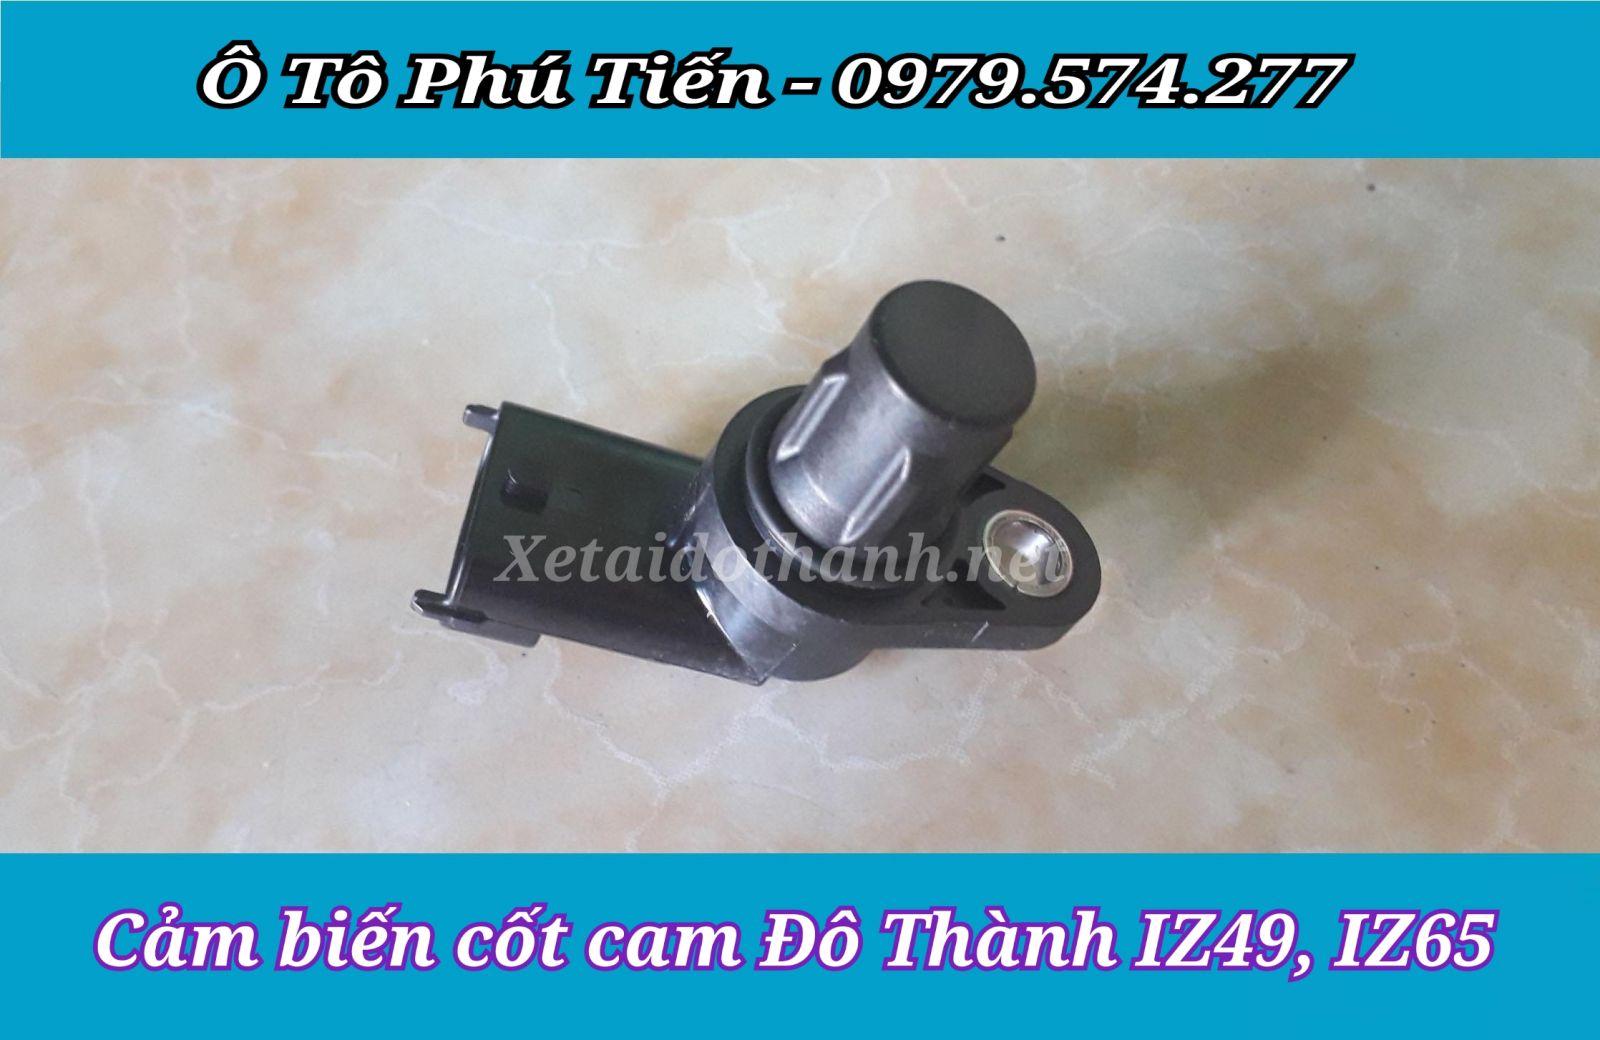 CAM BIEN TRUC CAM DO THANH